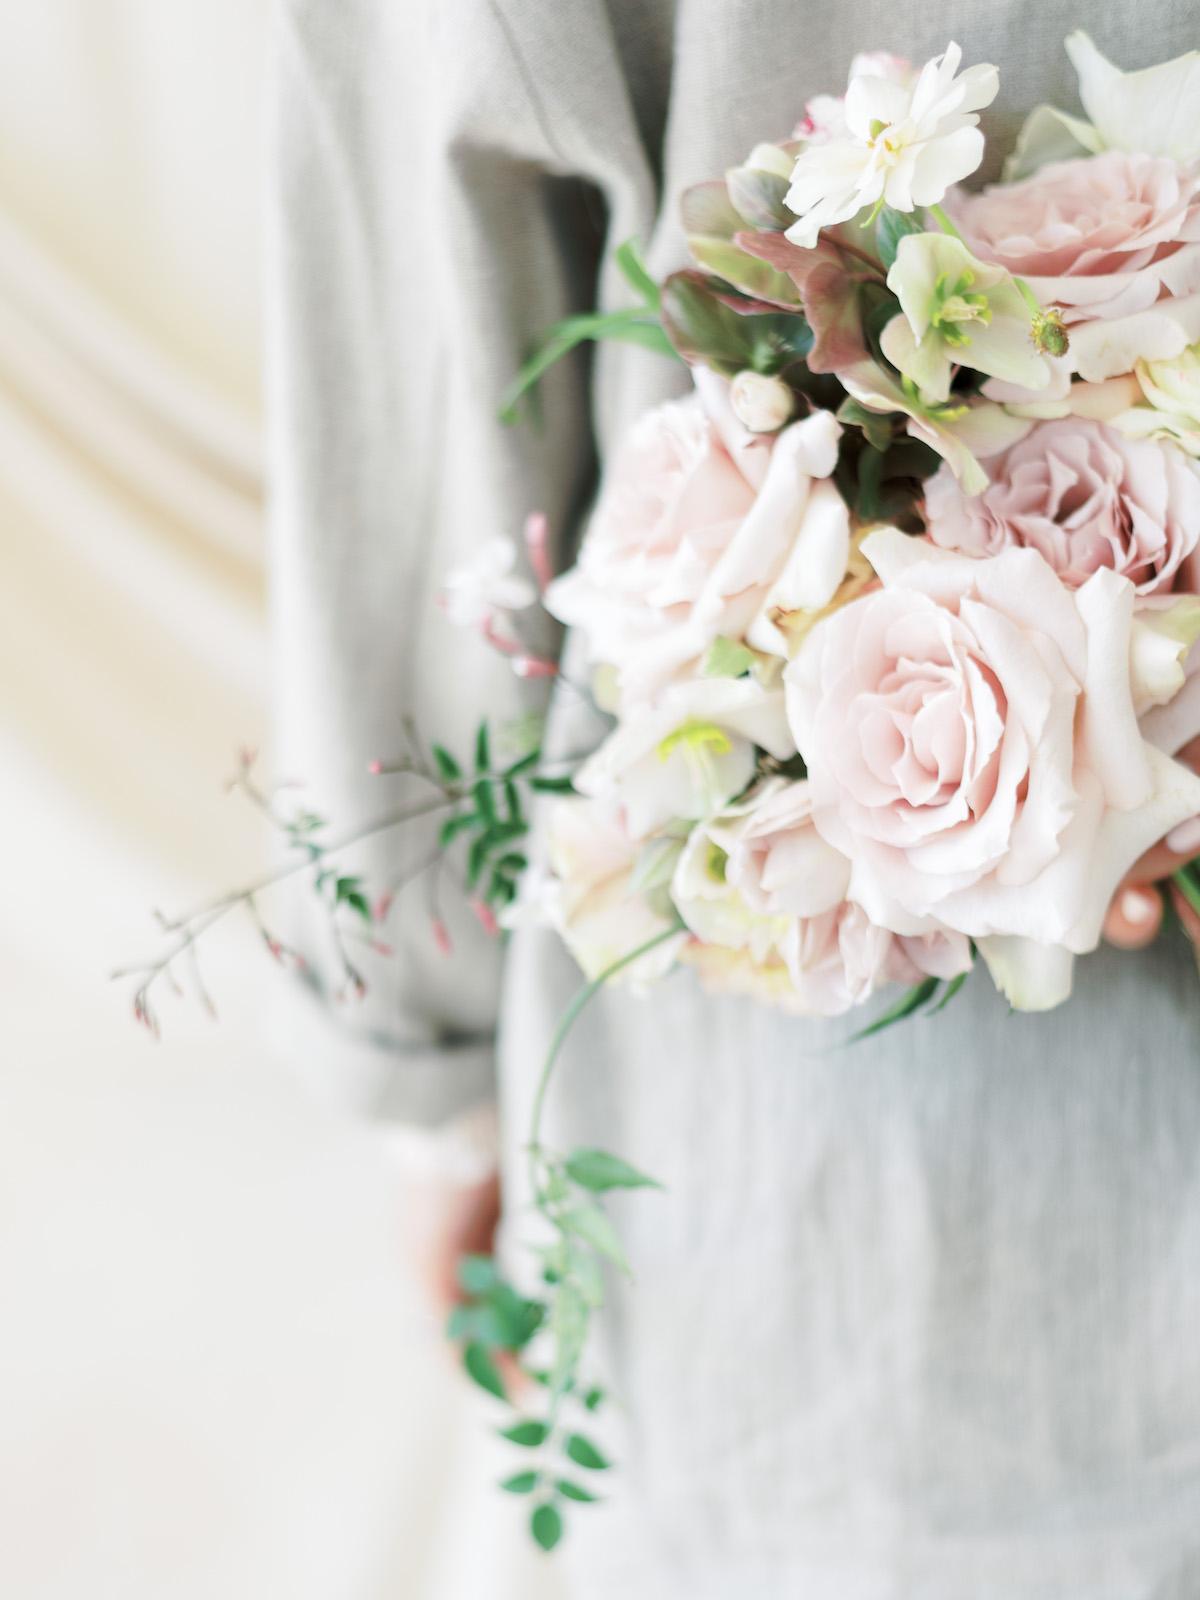 olea-and-fig-blooming-wed-brand-shoot-119.jpg